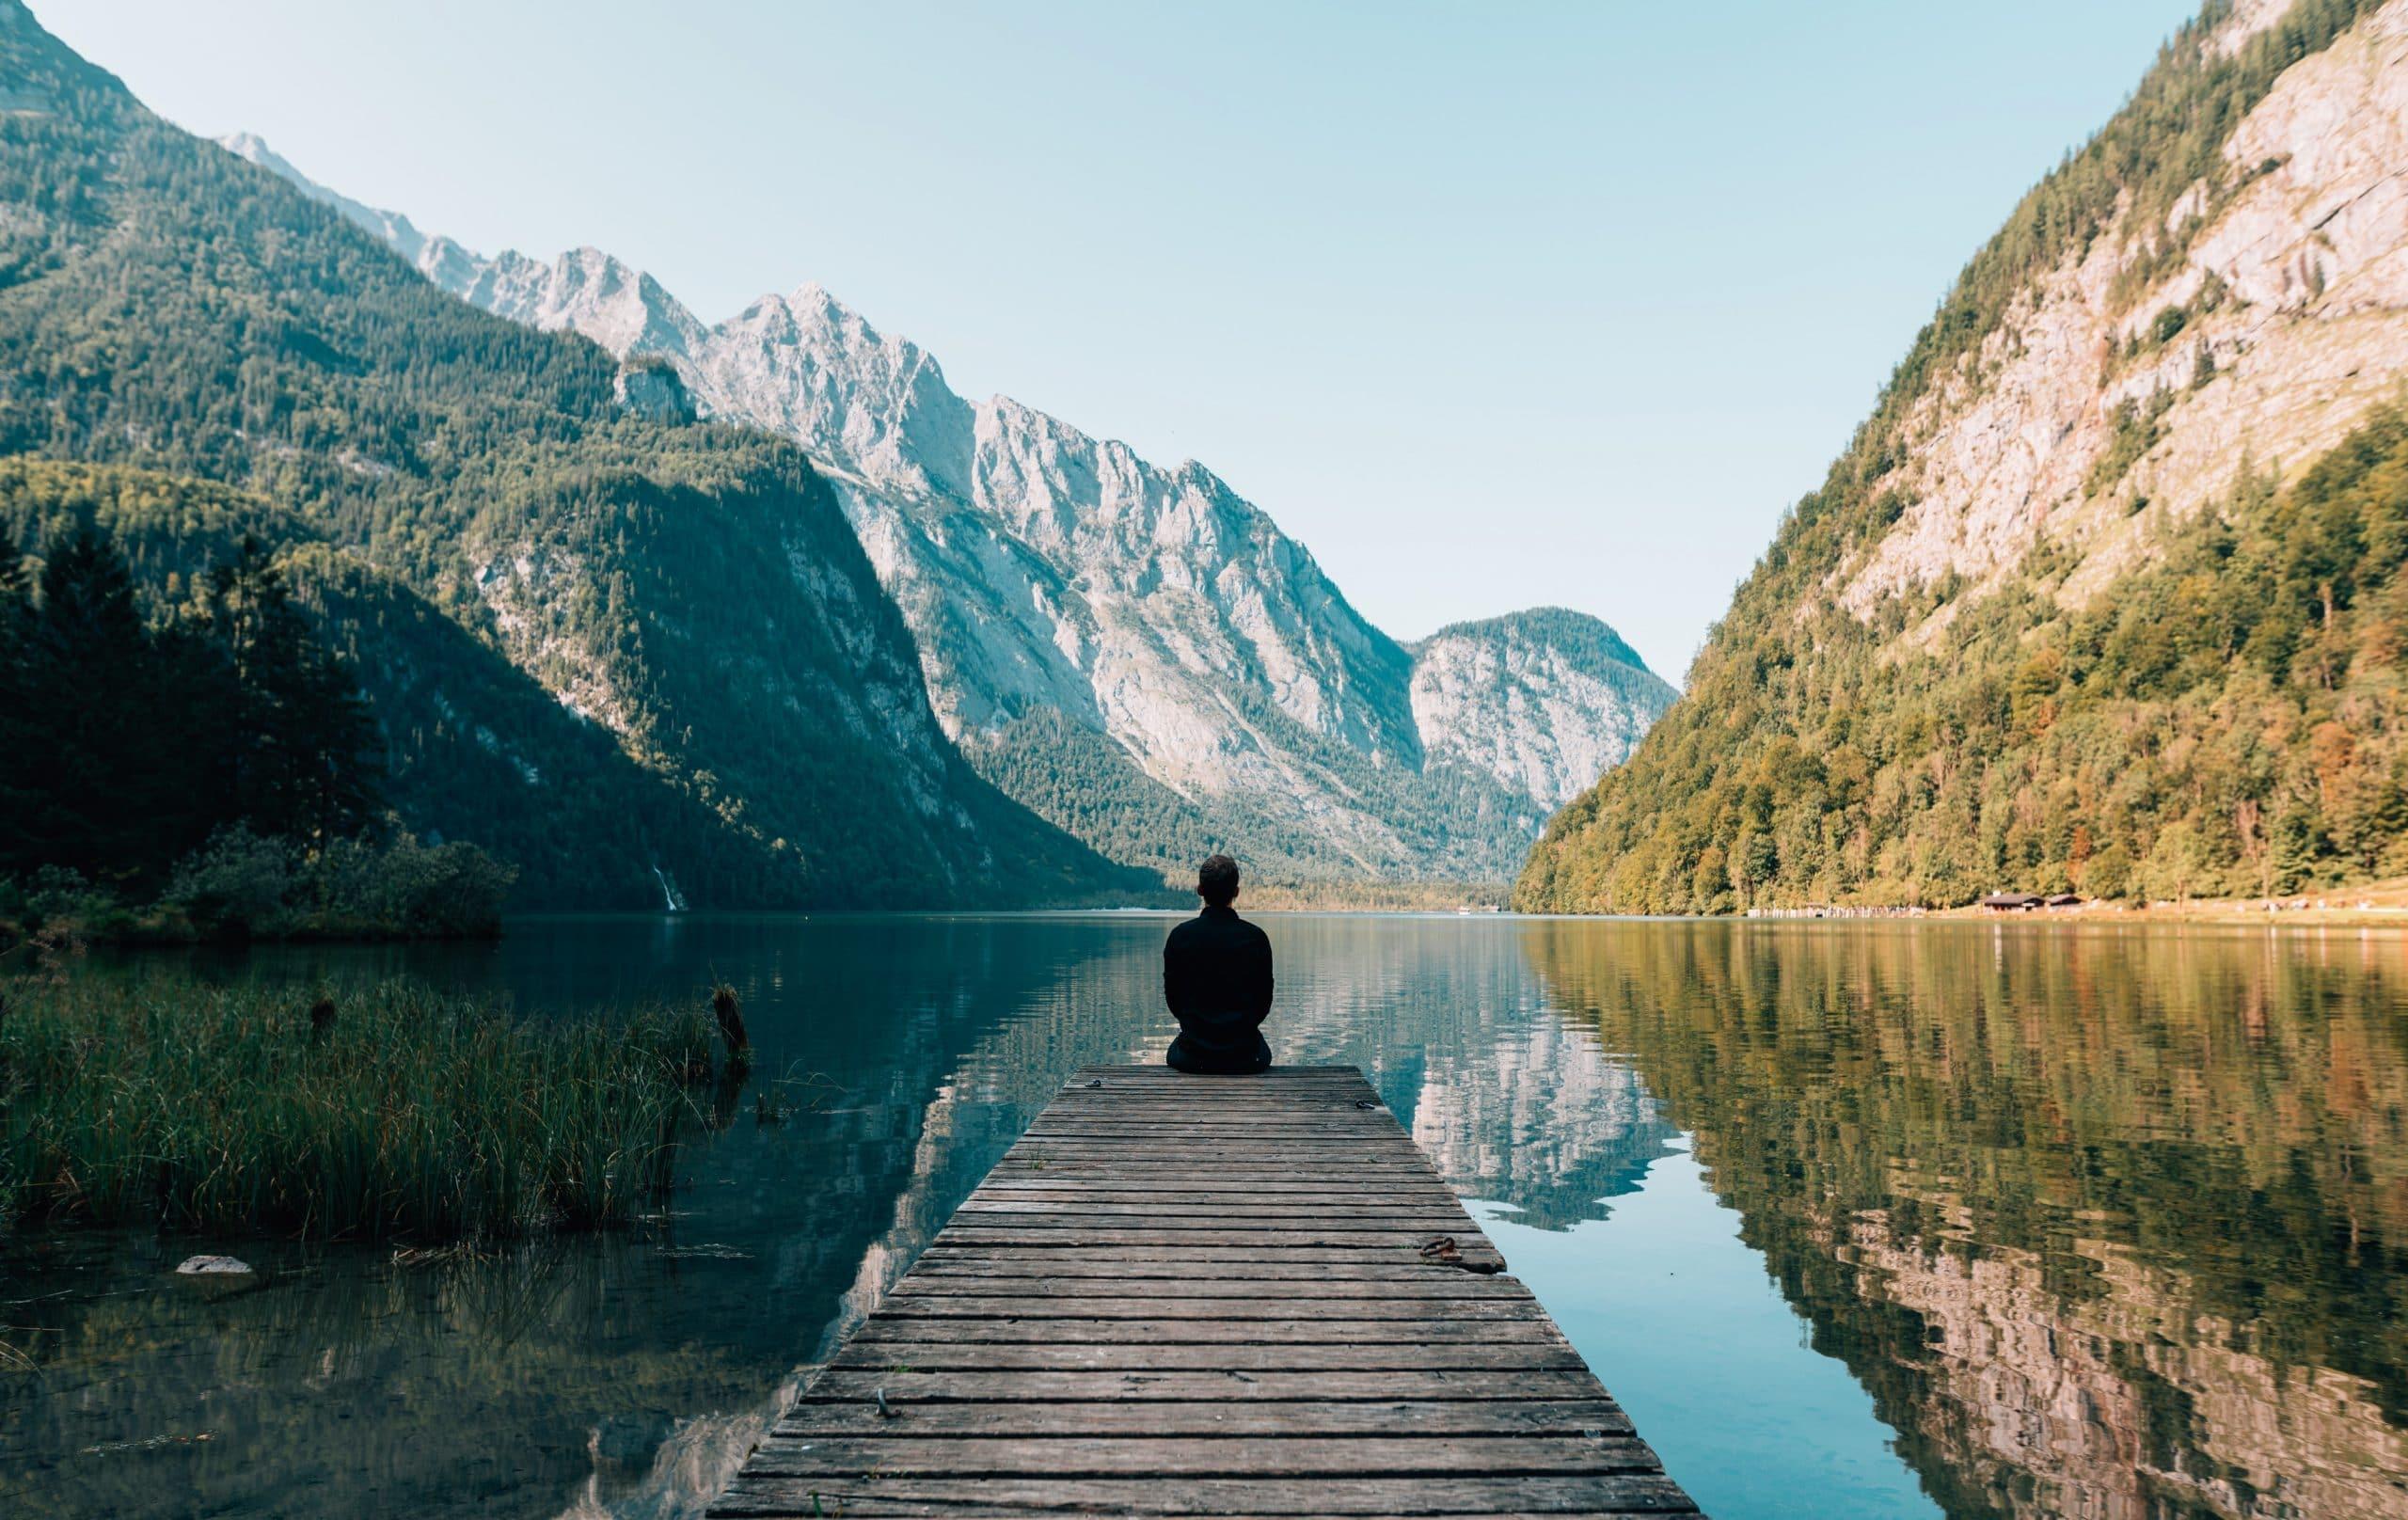 Homem sentado em ponte com lago e paisagem de montanhas ao fundo